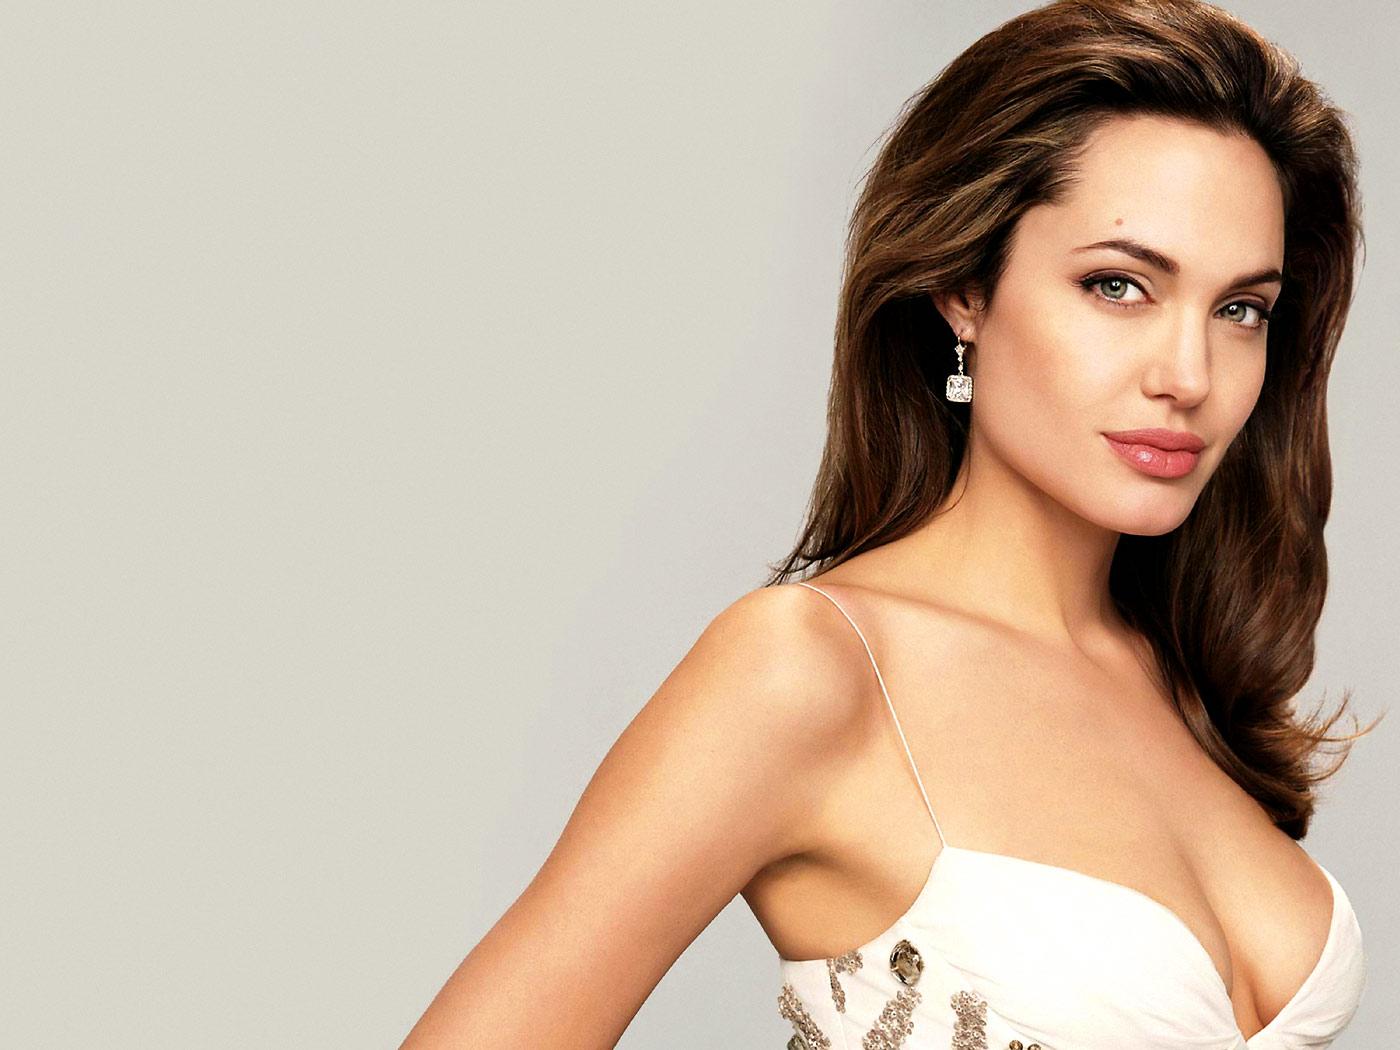 """Angelina Jolie shock: """"Ho fatto rimuovere i miei seni. Rischiavo tumore al seno"""""""